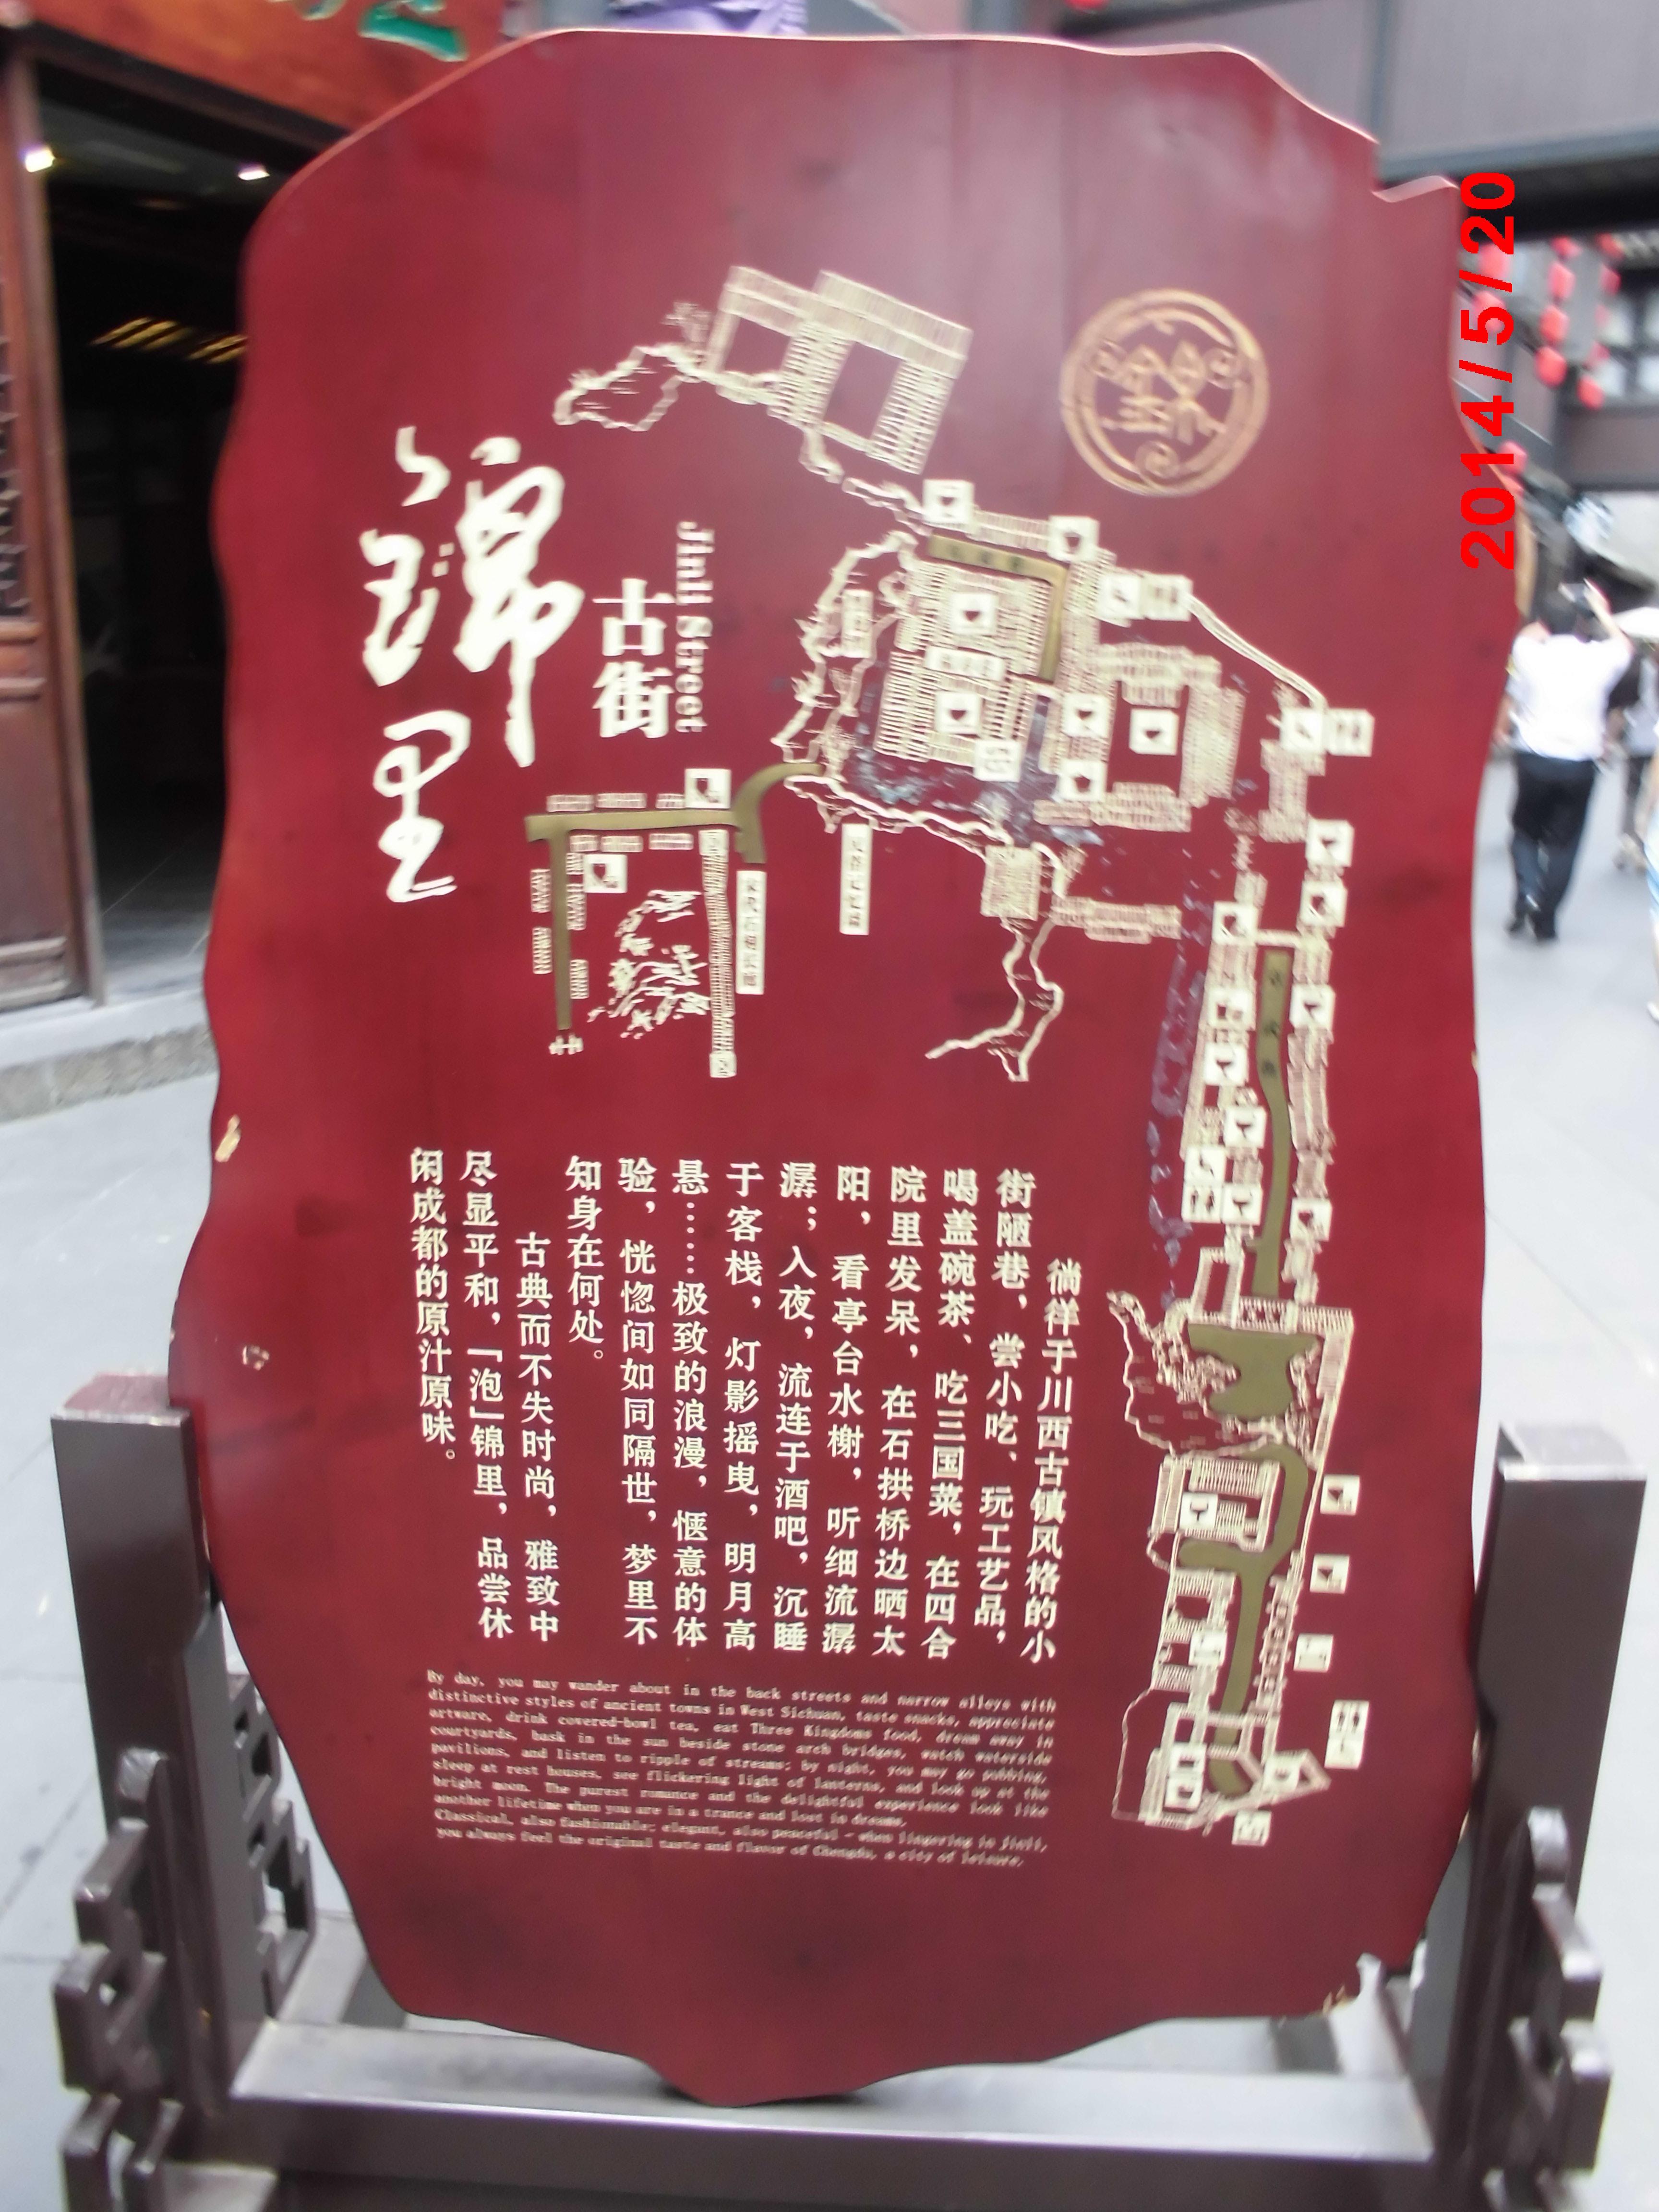 锦里,成都锦里攻略/地址/图片/门票【携程攻略】图片